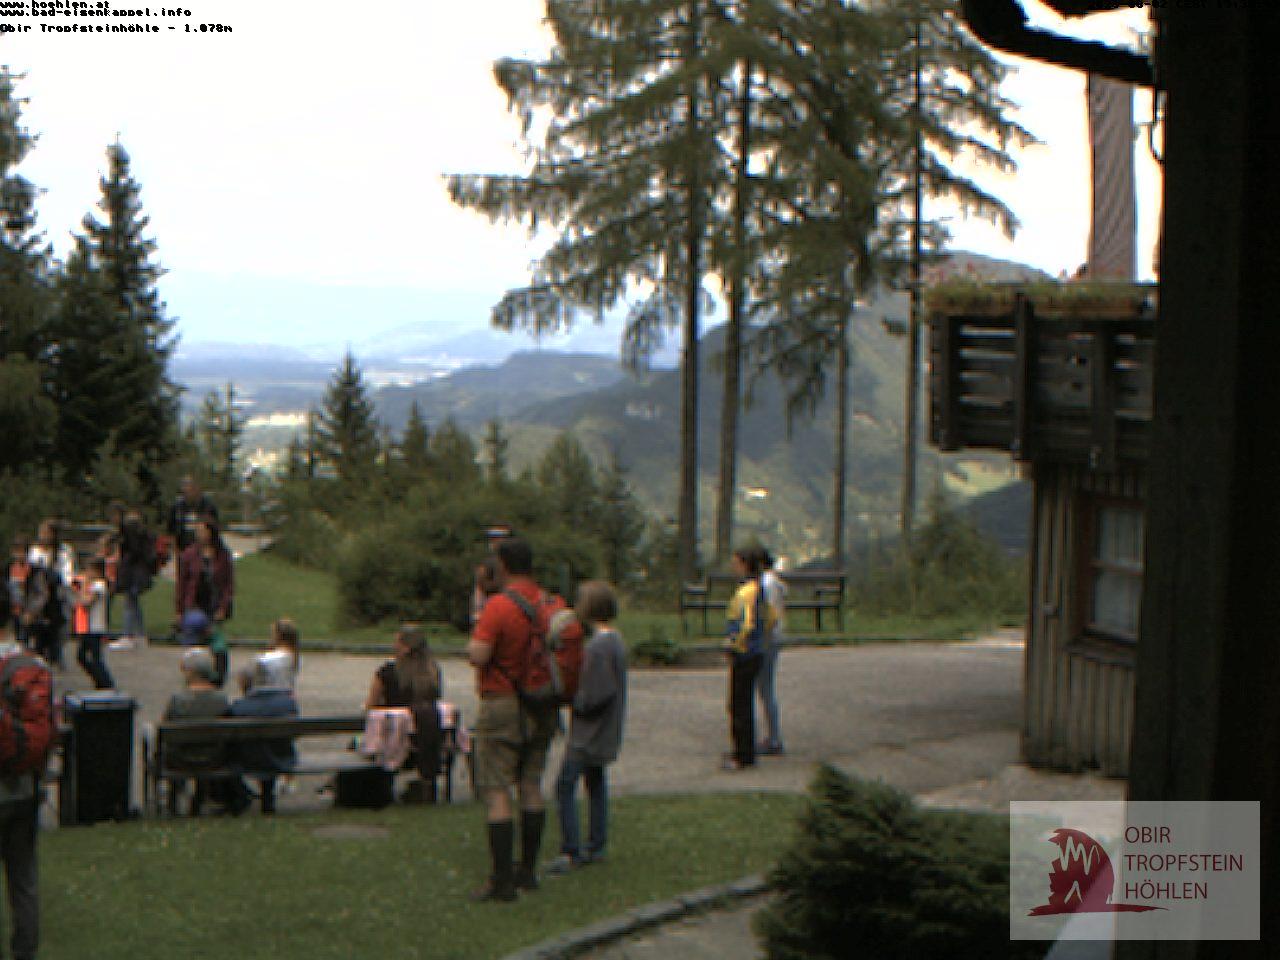 Webcam-Bild der Obir Tropfsteinhöhlen